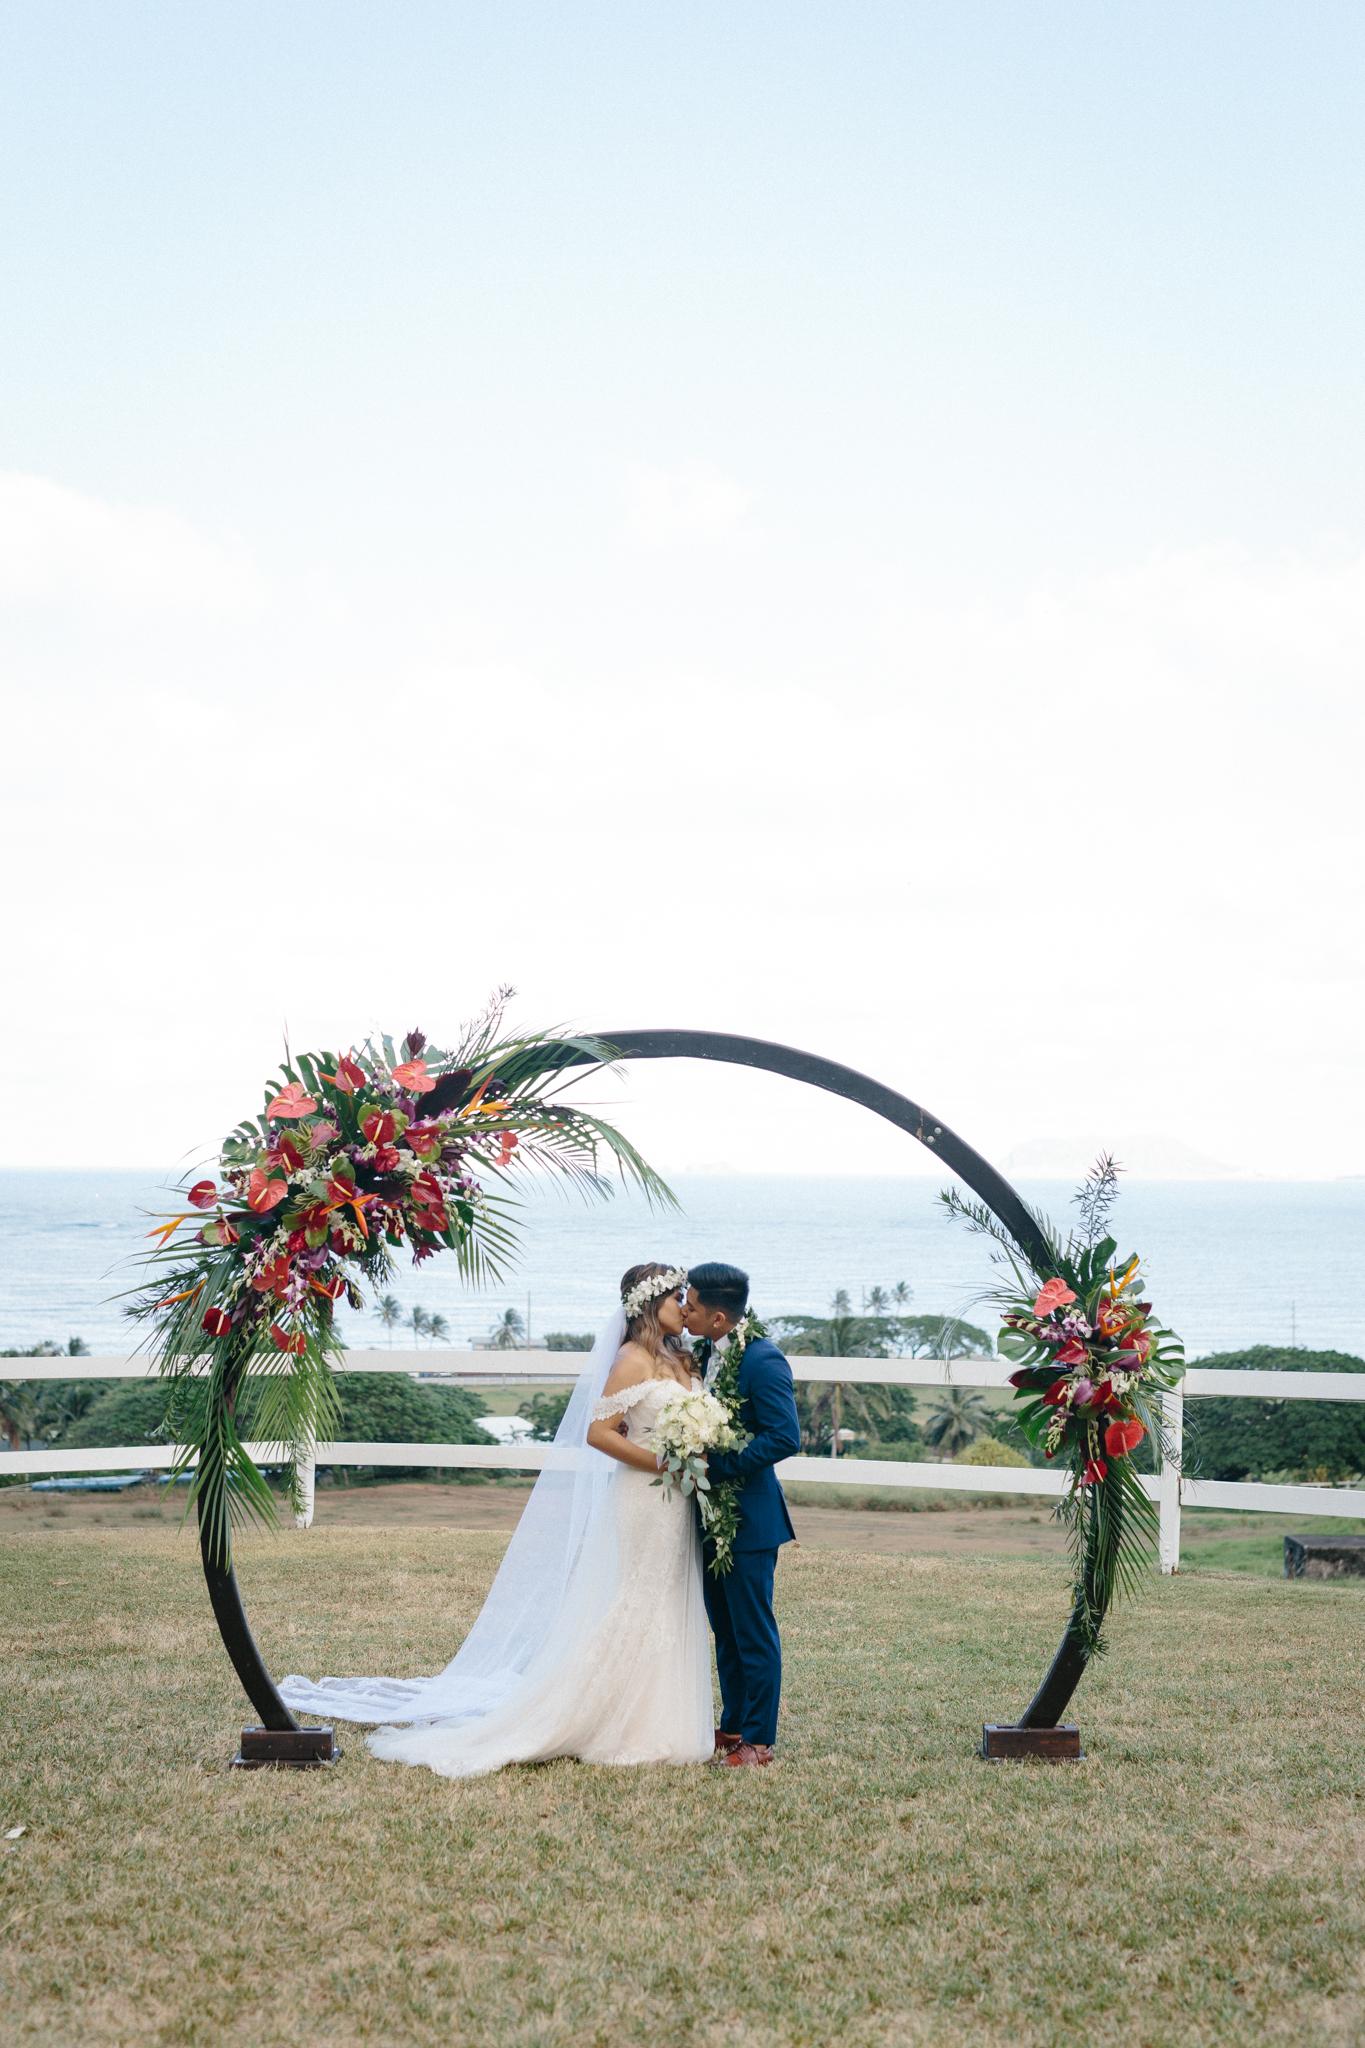 kualoa_ranch_wedding_photography_tone_hawaii-68.jpg